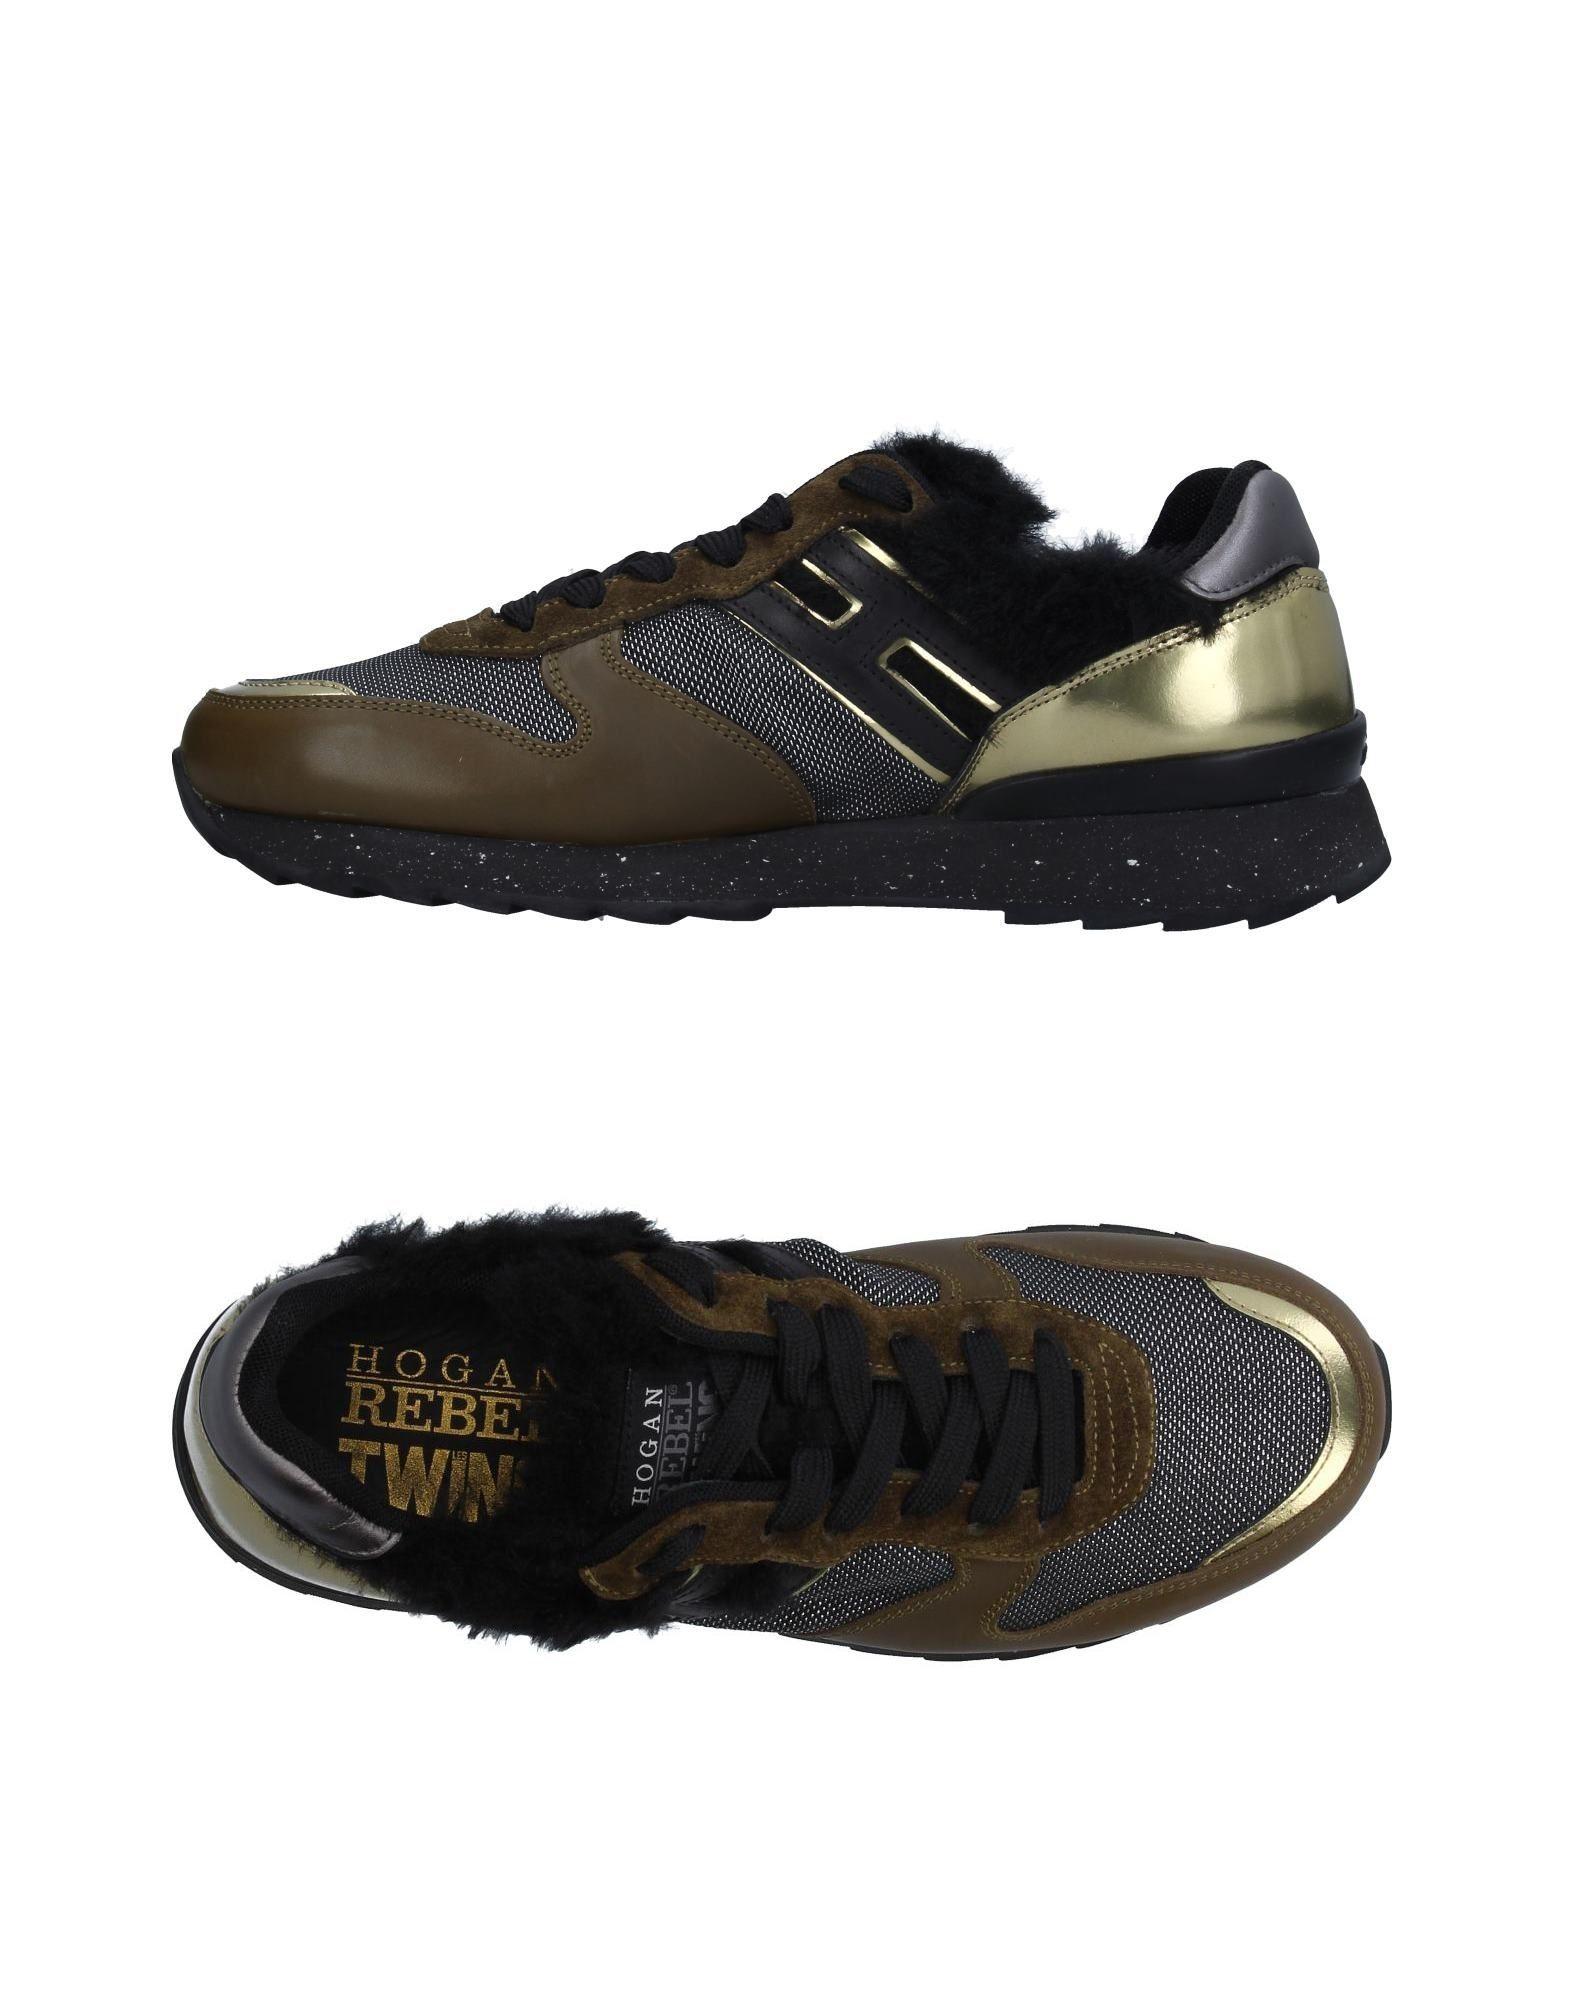 Hogan Rebel Sneakers Herren  11297223WE Gute Qualität beliebte Schuhe